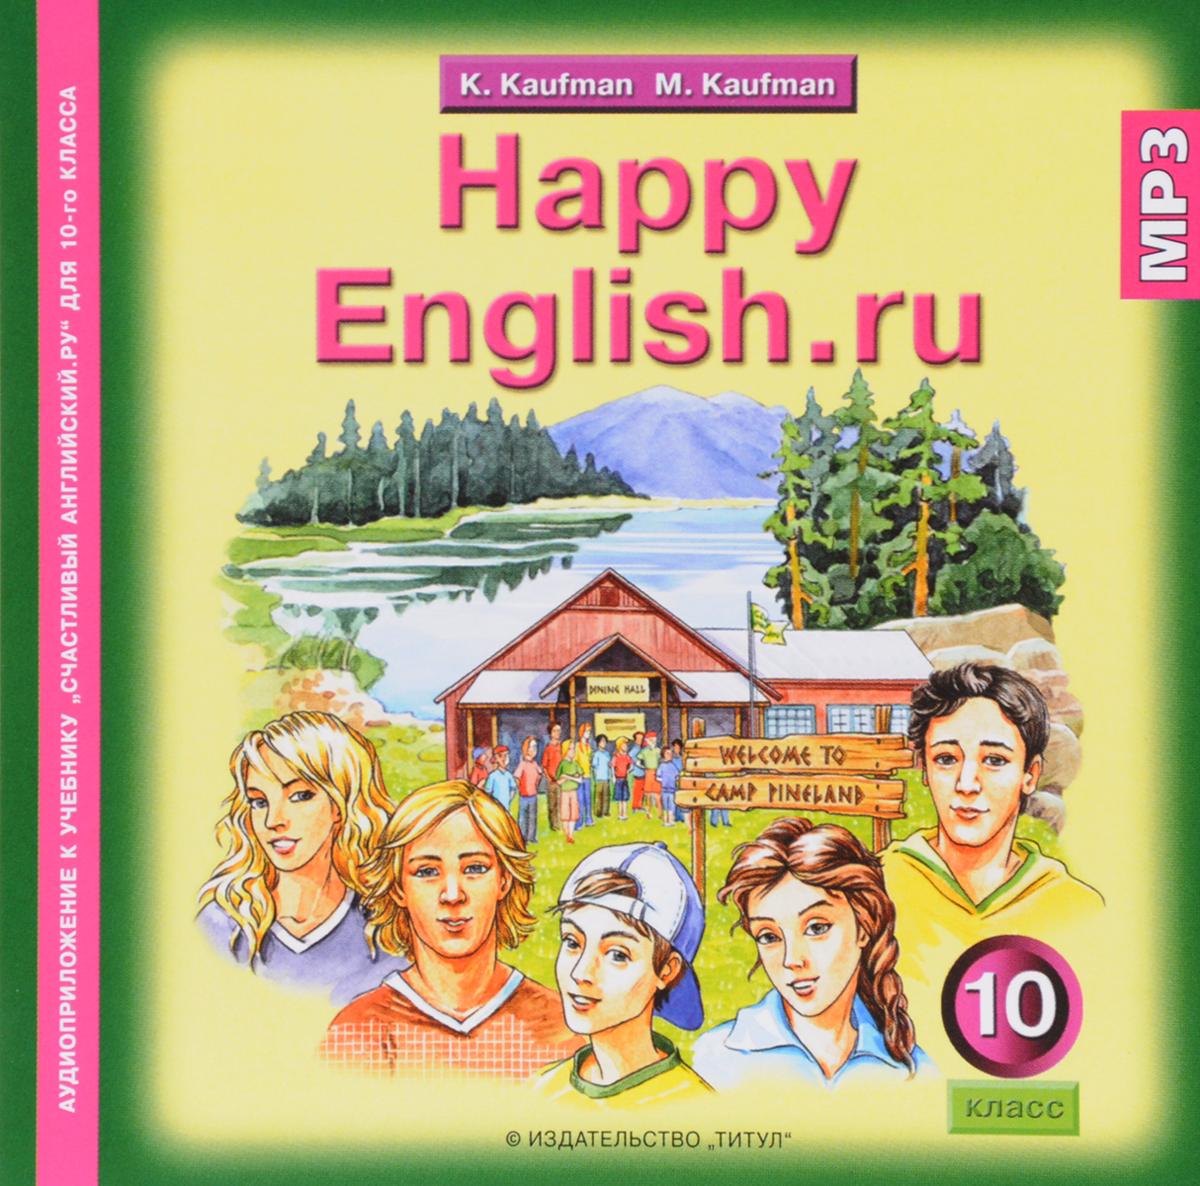 Happy English.ru 10 / Английский язык. 10 класс (аудиокурс MP3)